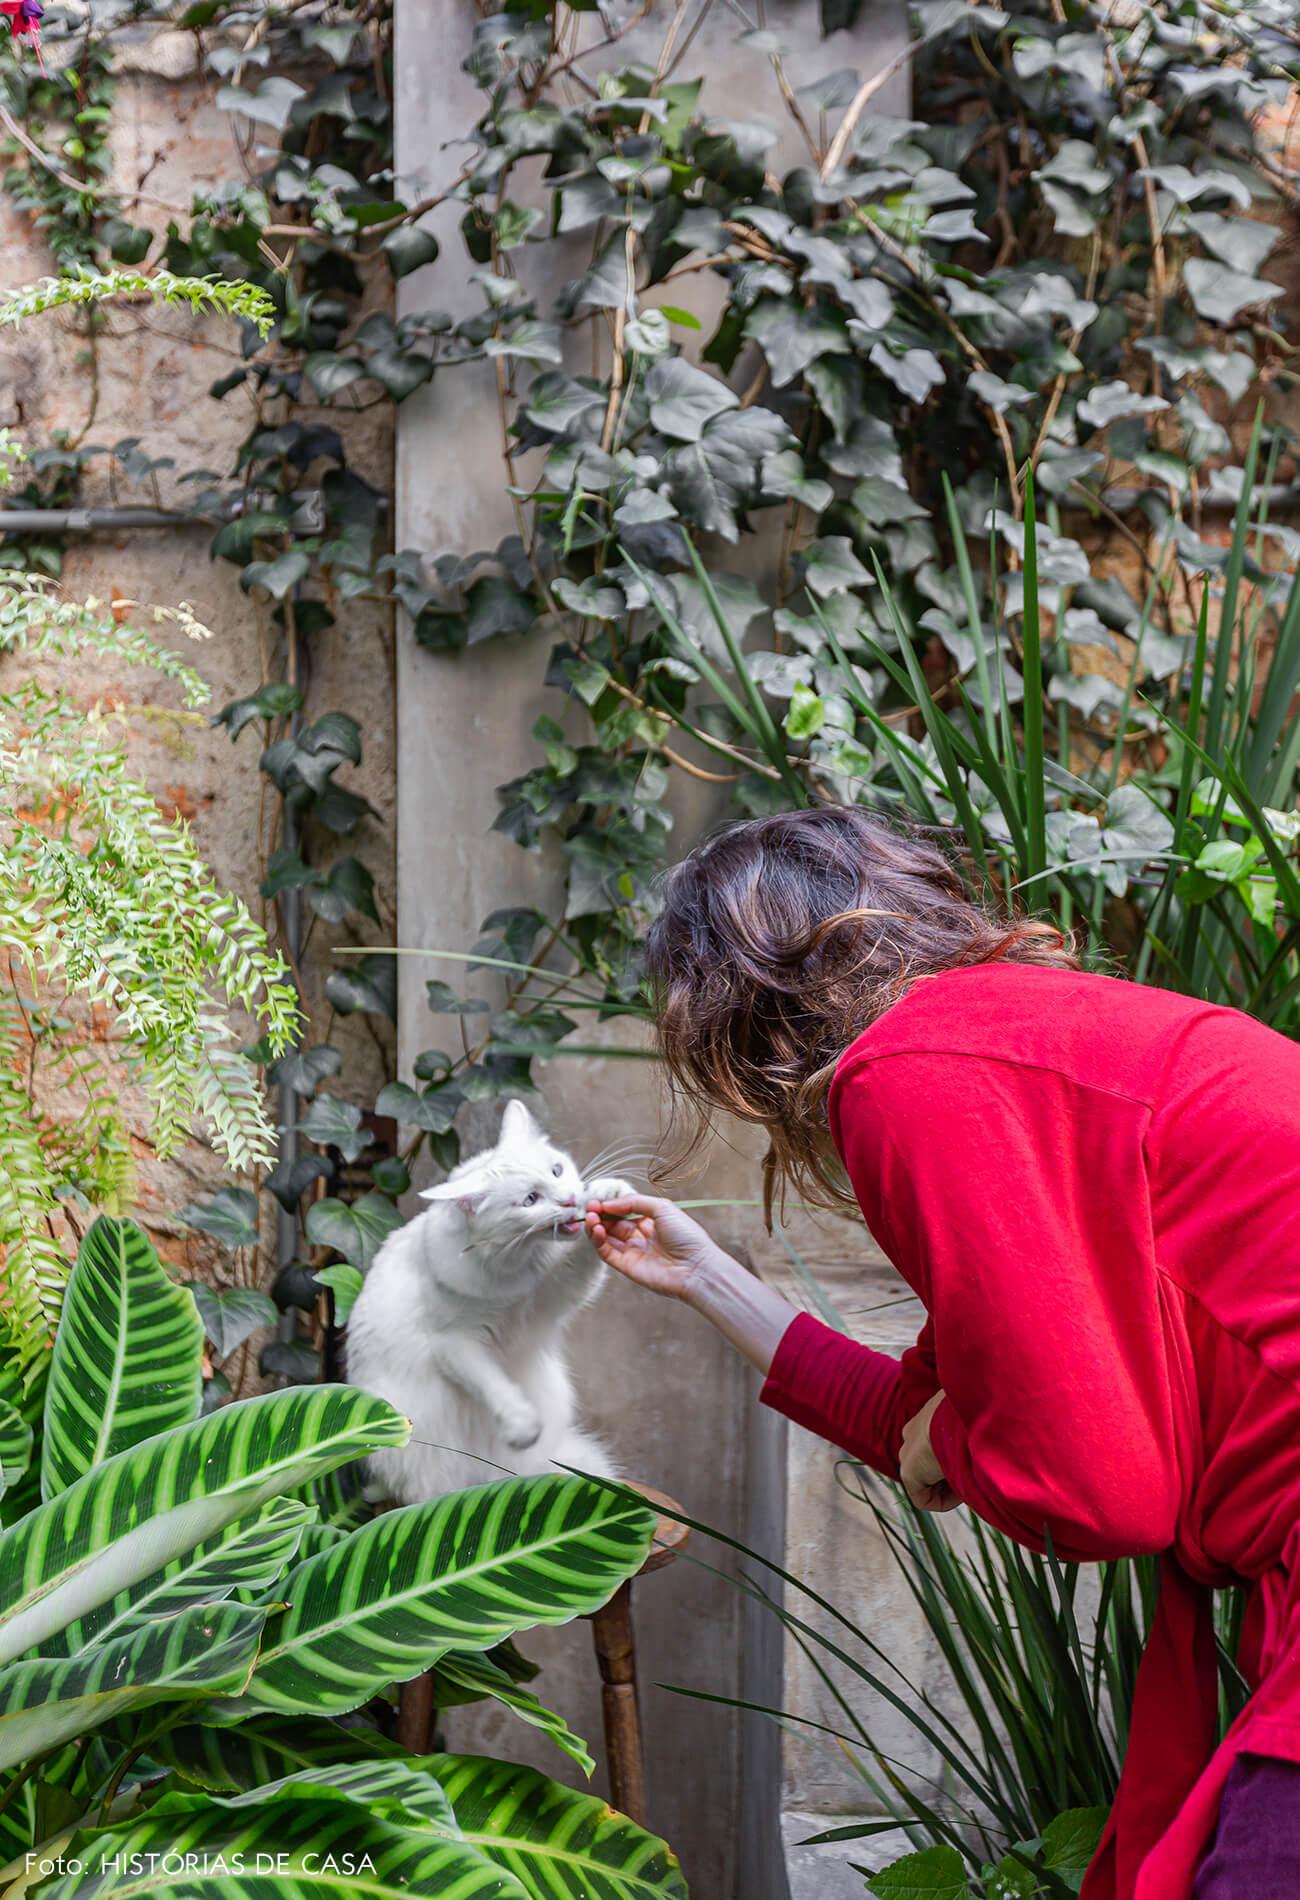 Apartamento térreo com jardim e gato